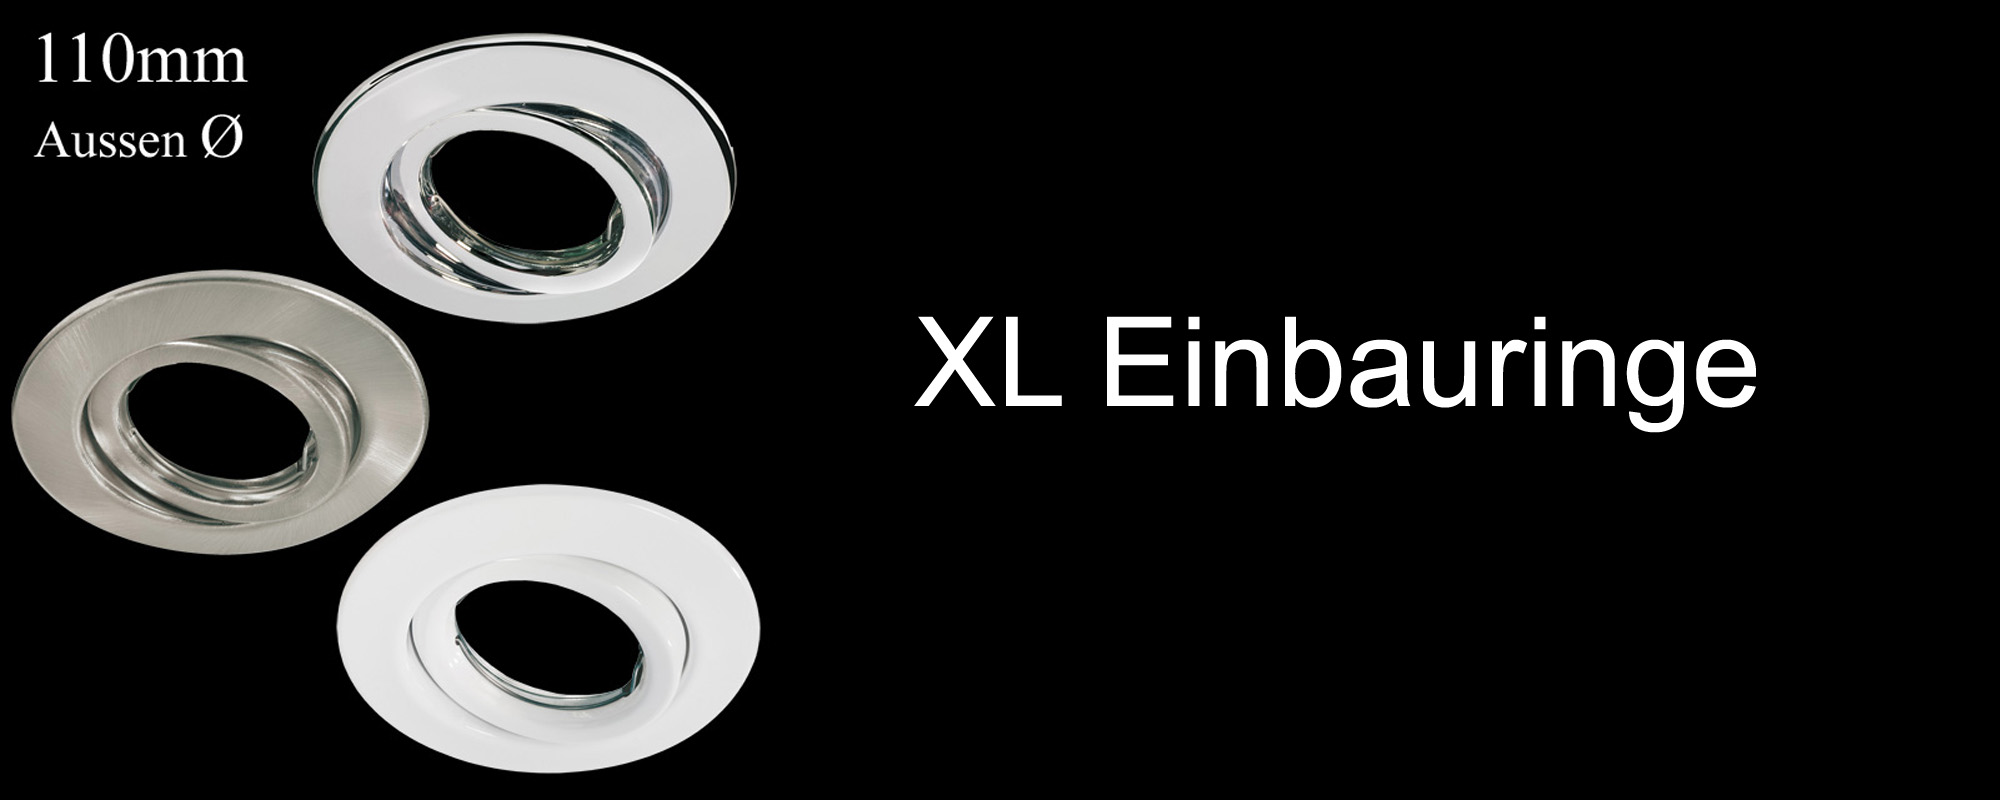 XL Einbauringe